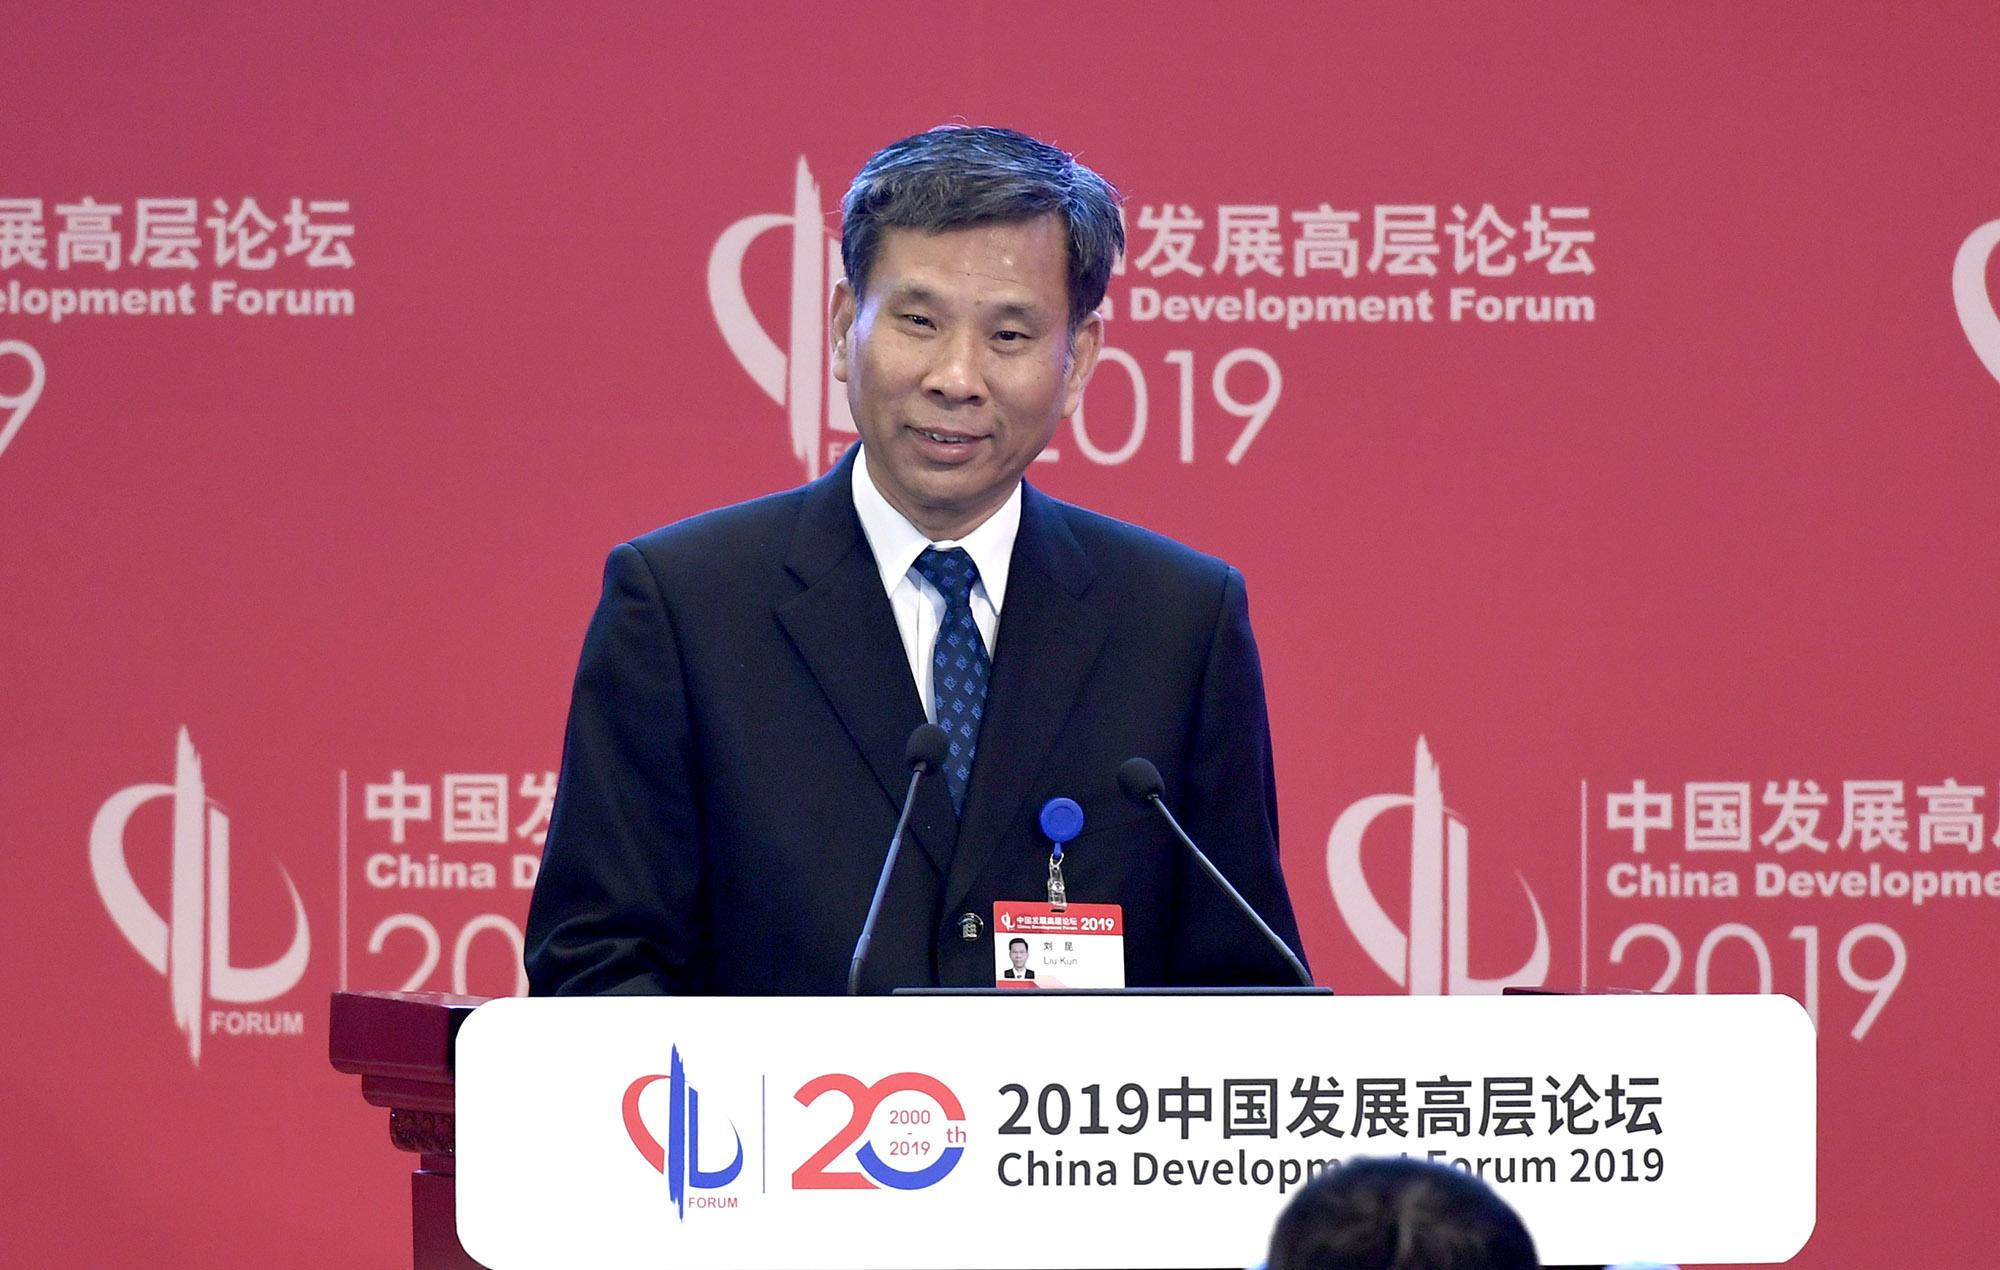 发言:财政部部长刘昆